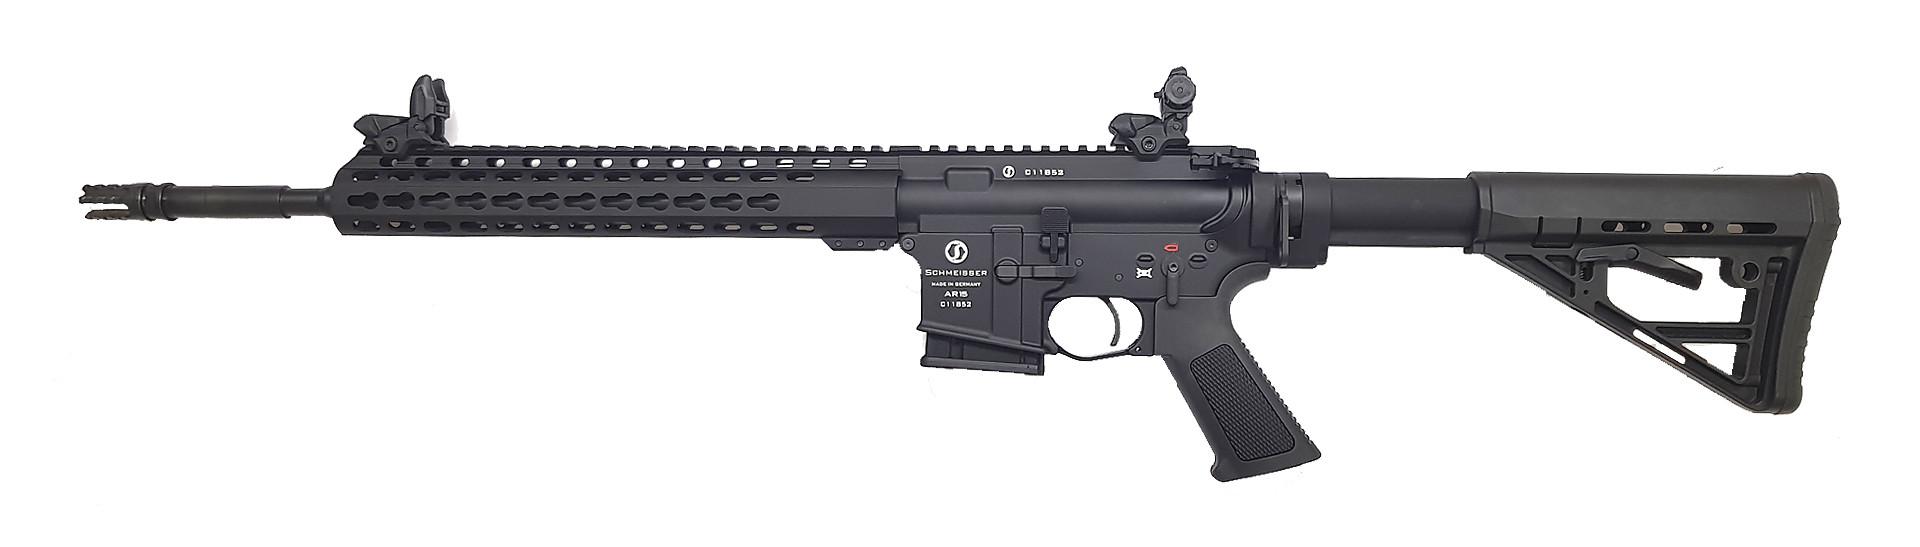 Selbstladebüchse Schmeisser AR15-M5F 16,75 Lauflänge .223 Rem. Waffenstube Thalkirchen München Bayern Deutschland